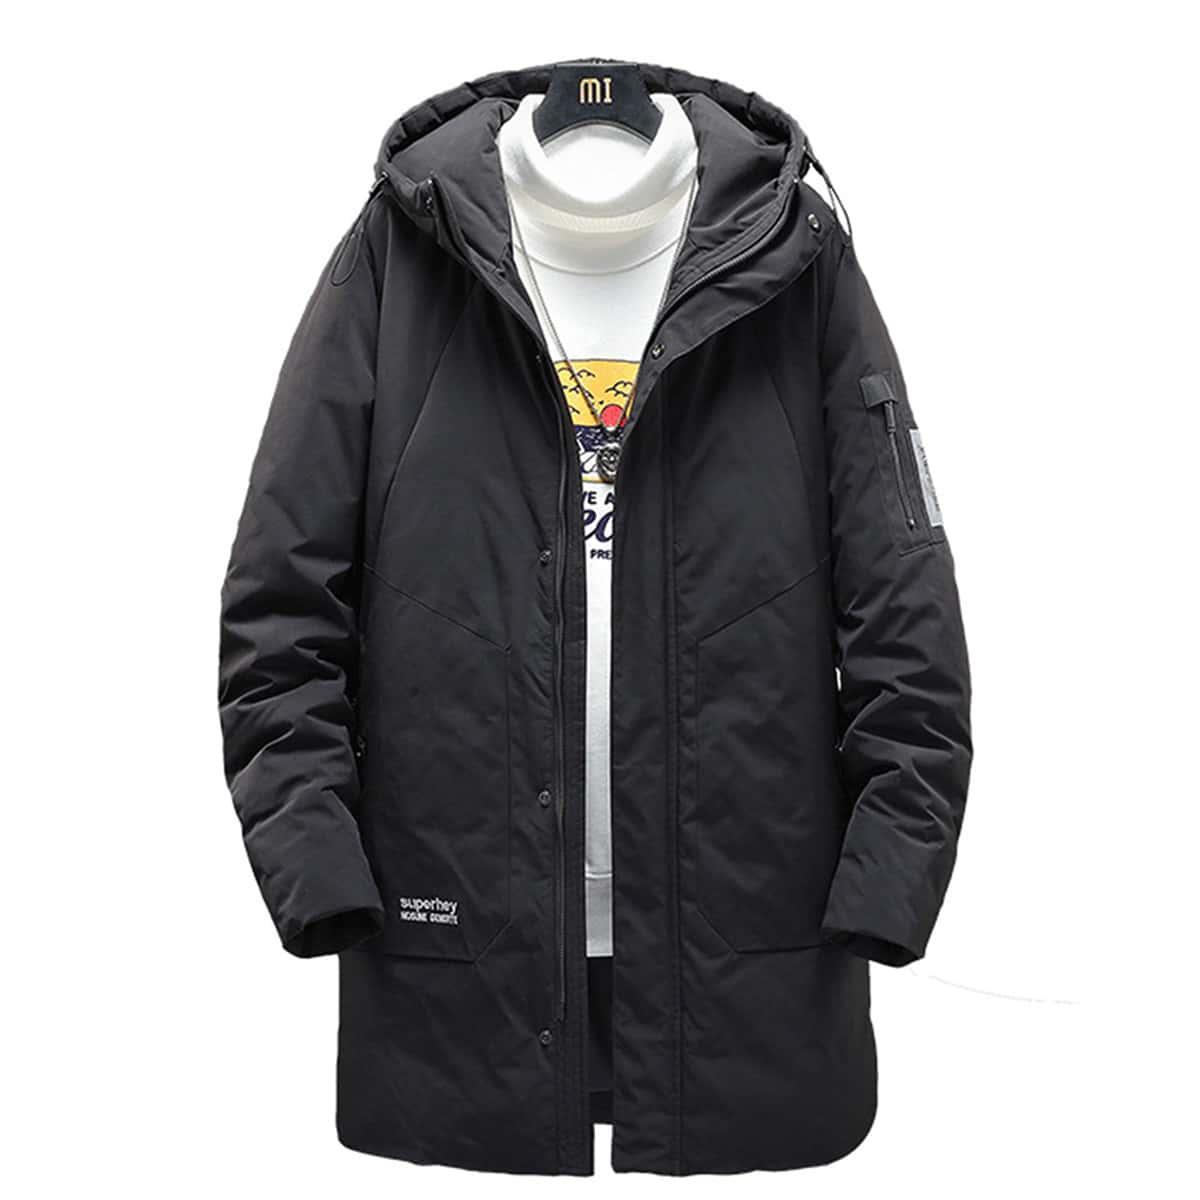 Мужское пуховое пальто с капюшоном и текстовым принтом